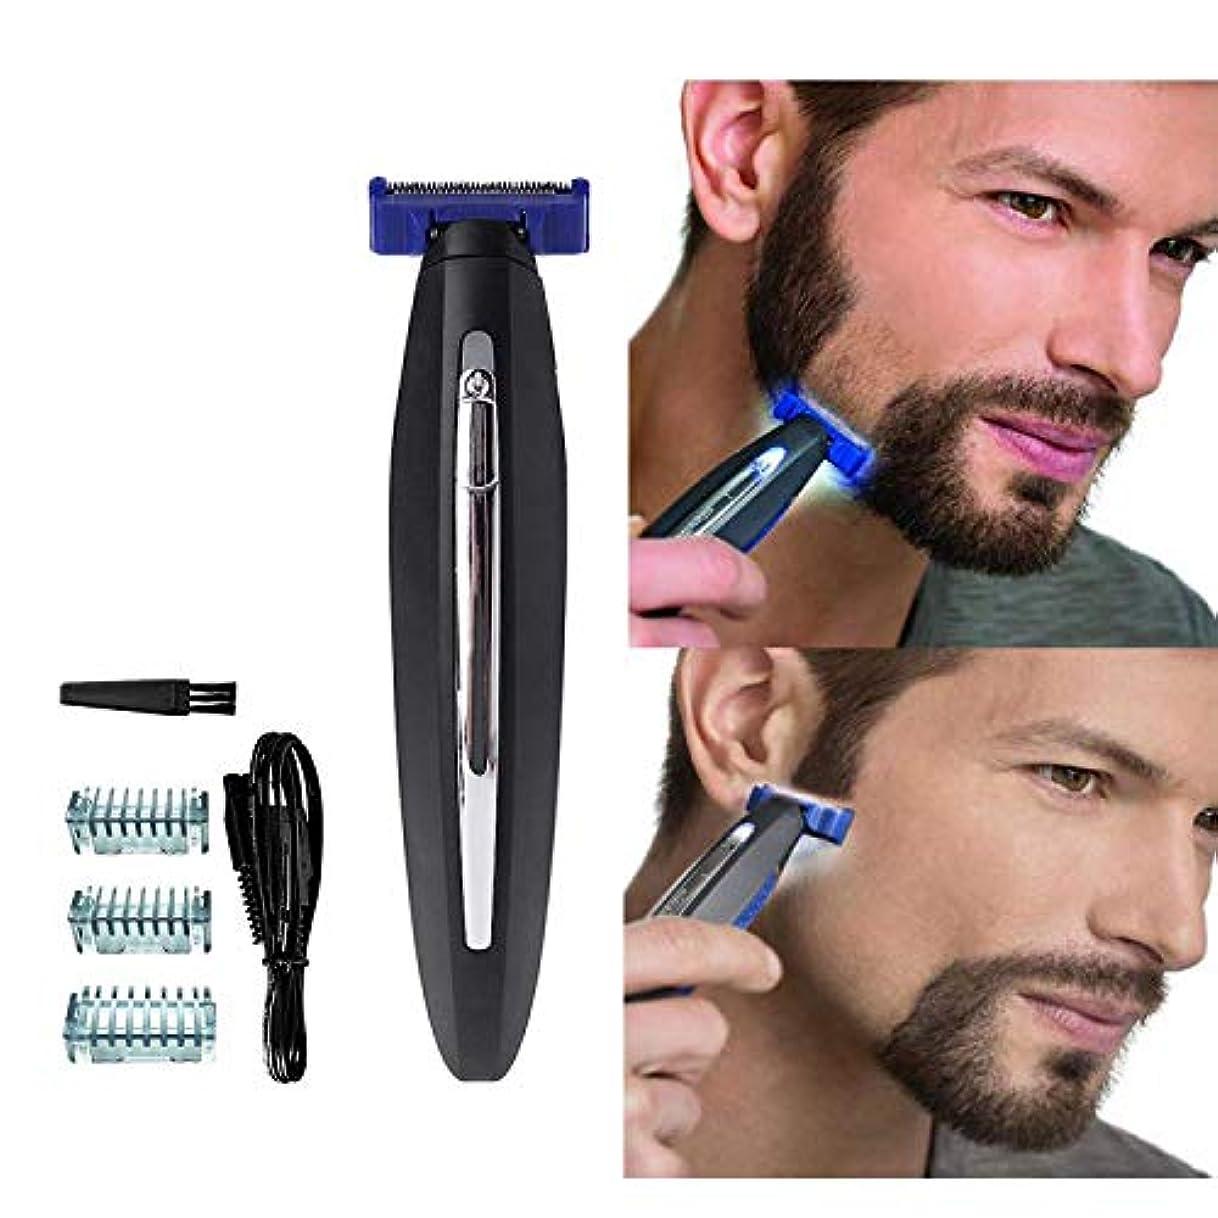 敬意自己雇用男性のための電気かみそり、髪のクリーニングシェーバートリマーと防水スマートかみそり、男性のための眉毛のひげのフェイシャルとボディヘアーのための毛の除去剤, black